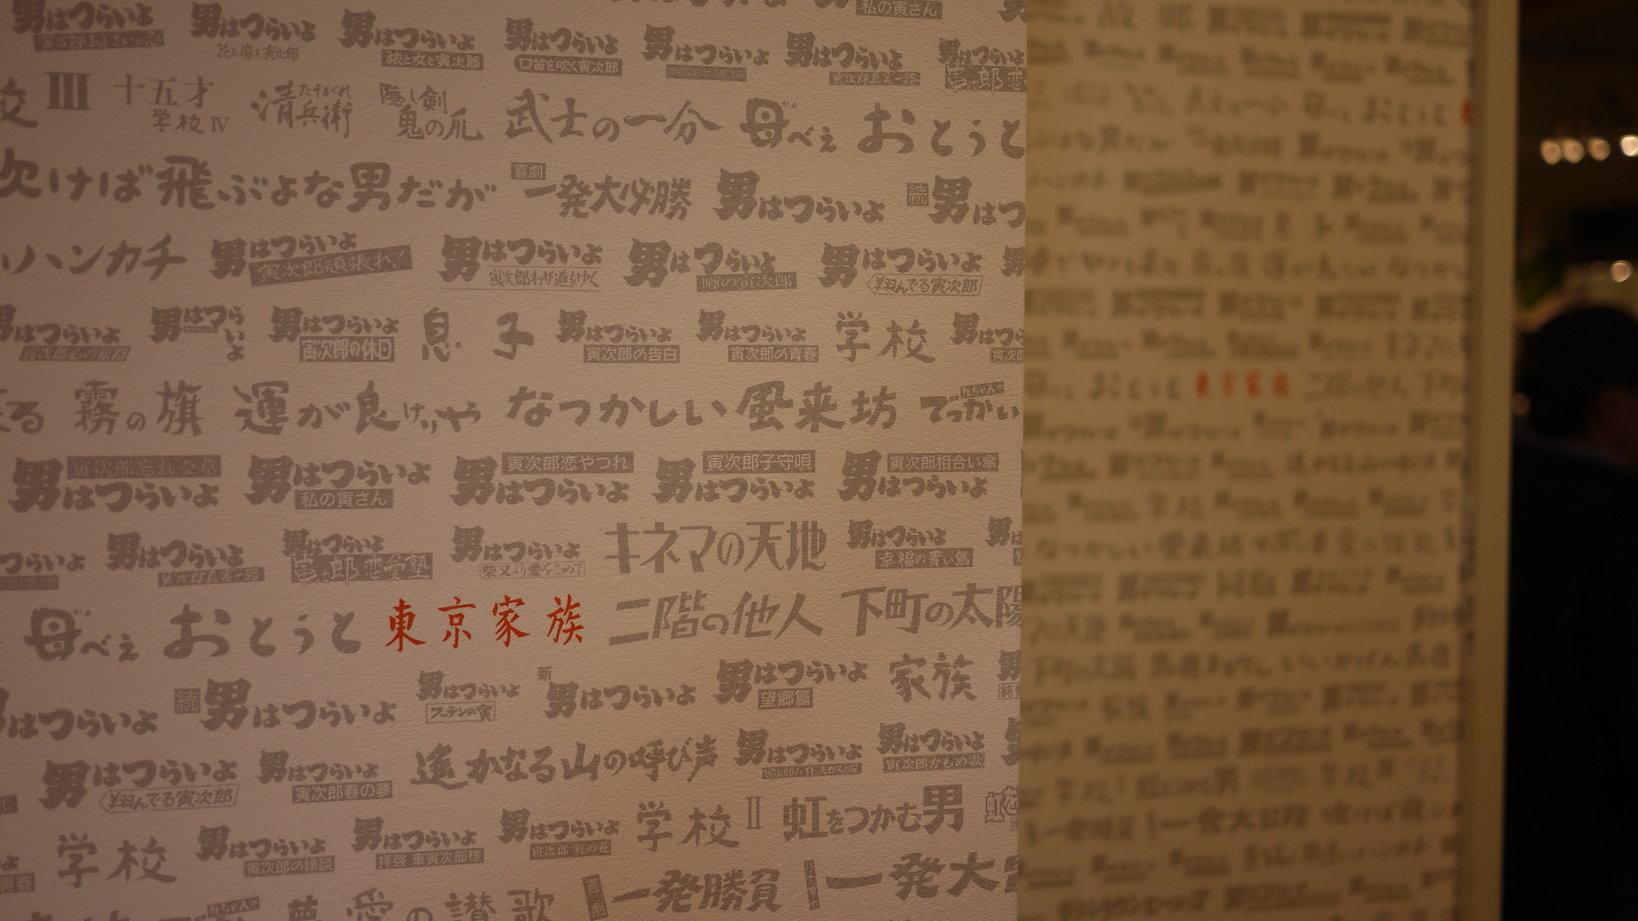 山田洋次ミュージアム館内の壁には、監督作品が描かれている。素敵な演出